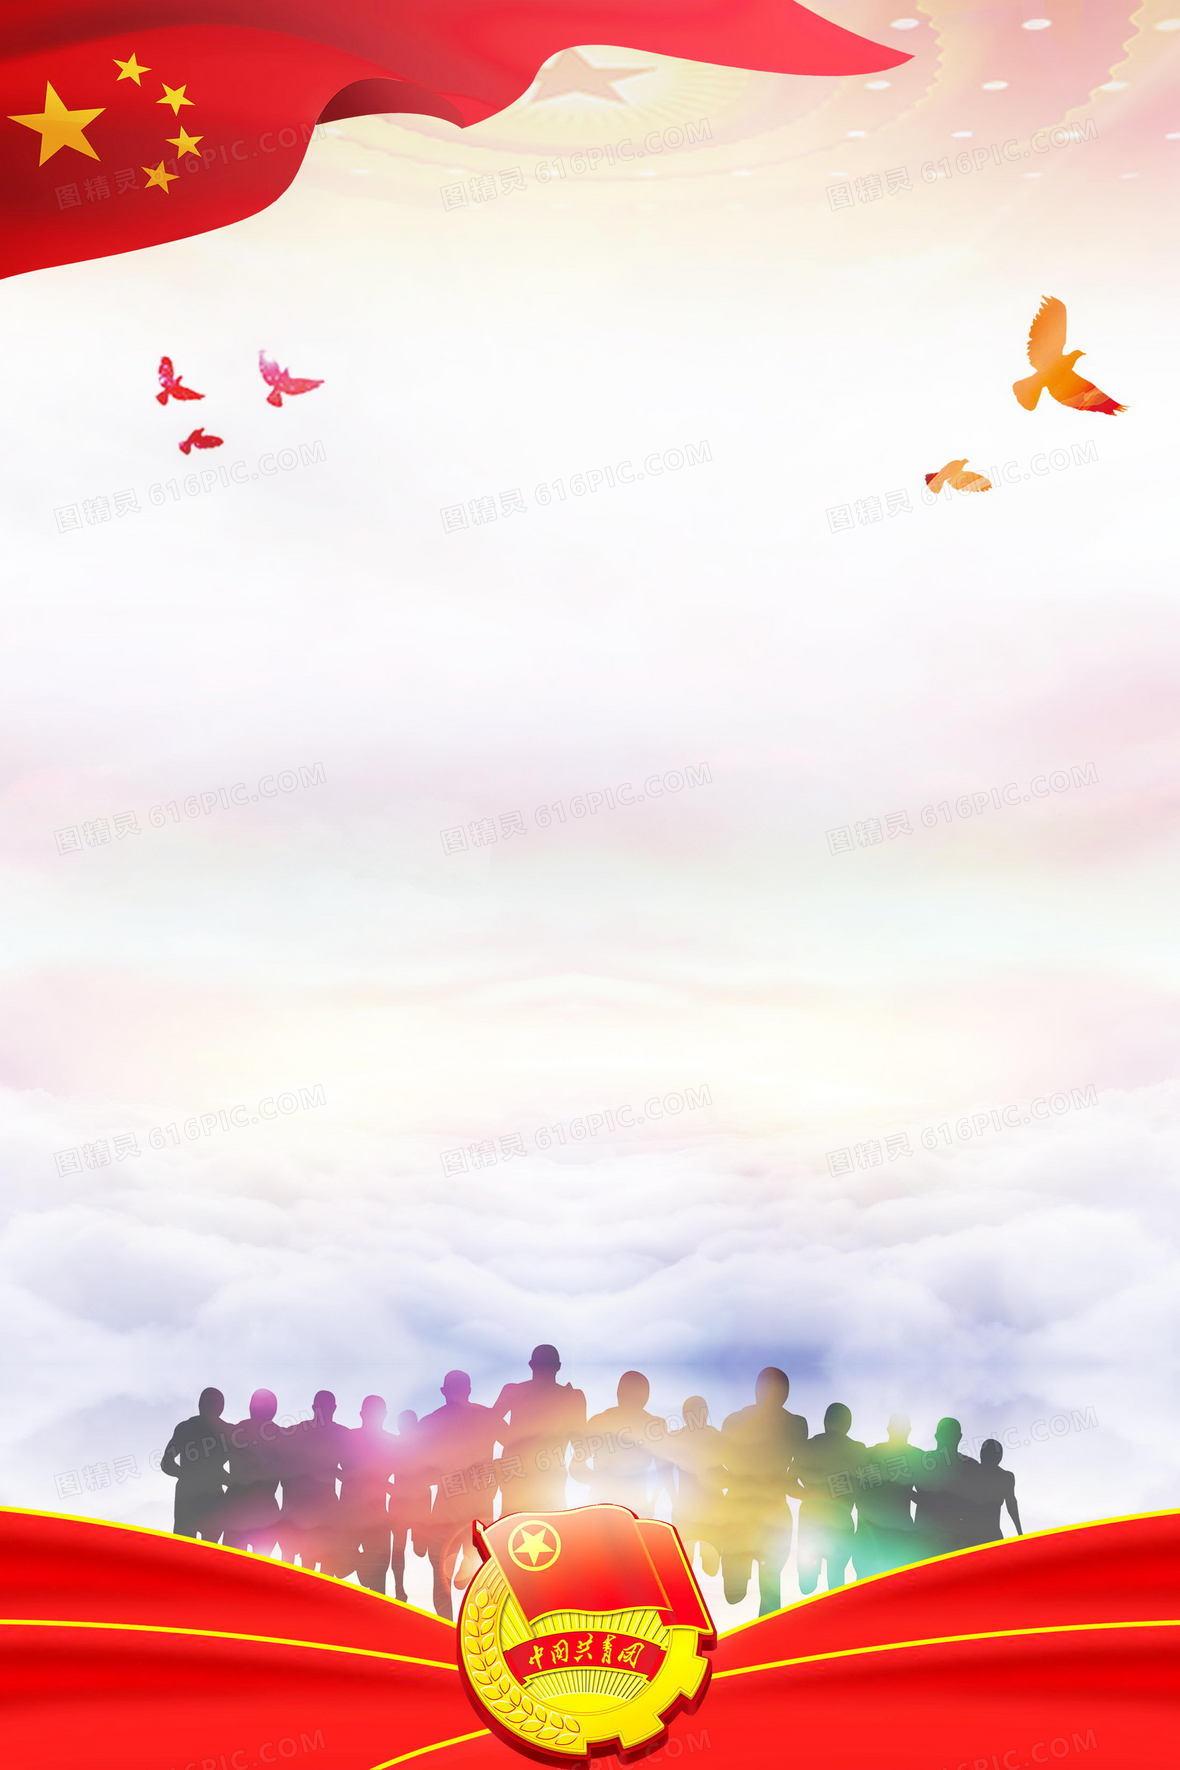 无奋斗不青春五四青年节背景素材